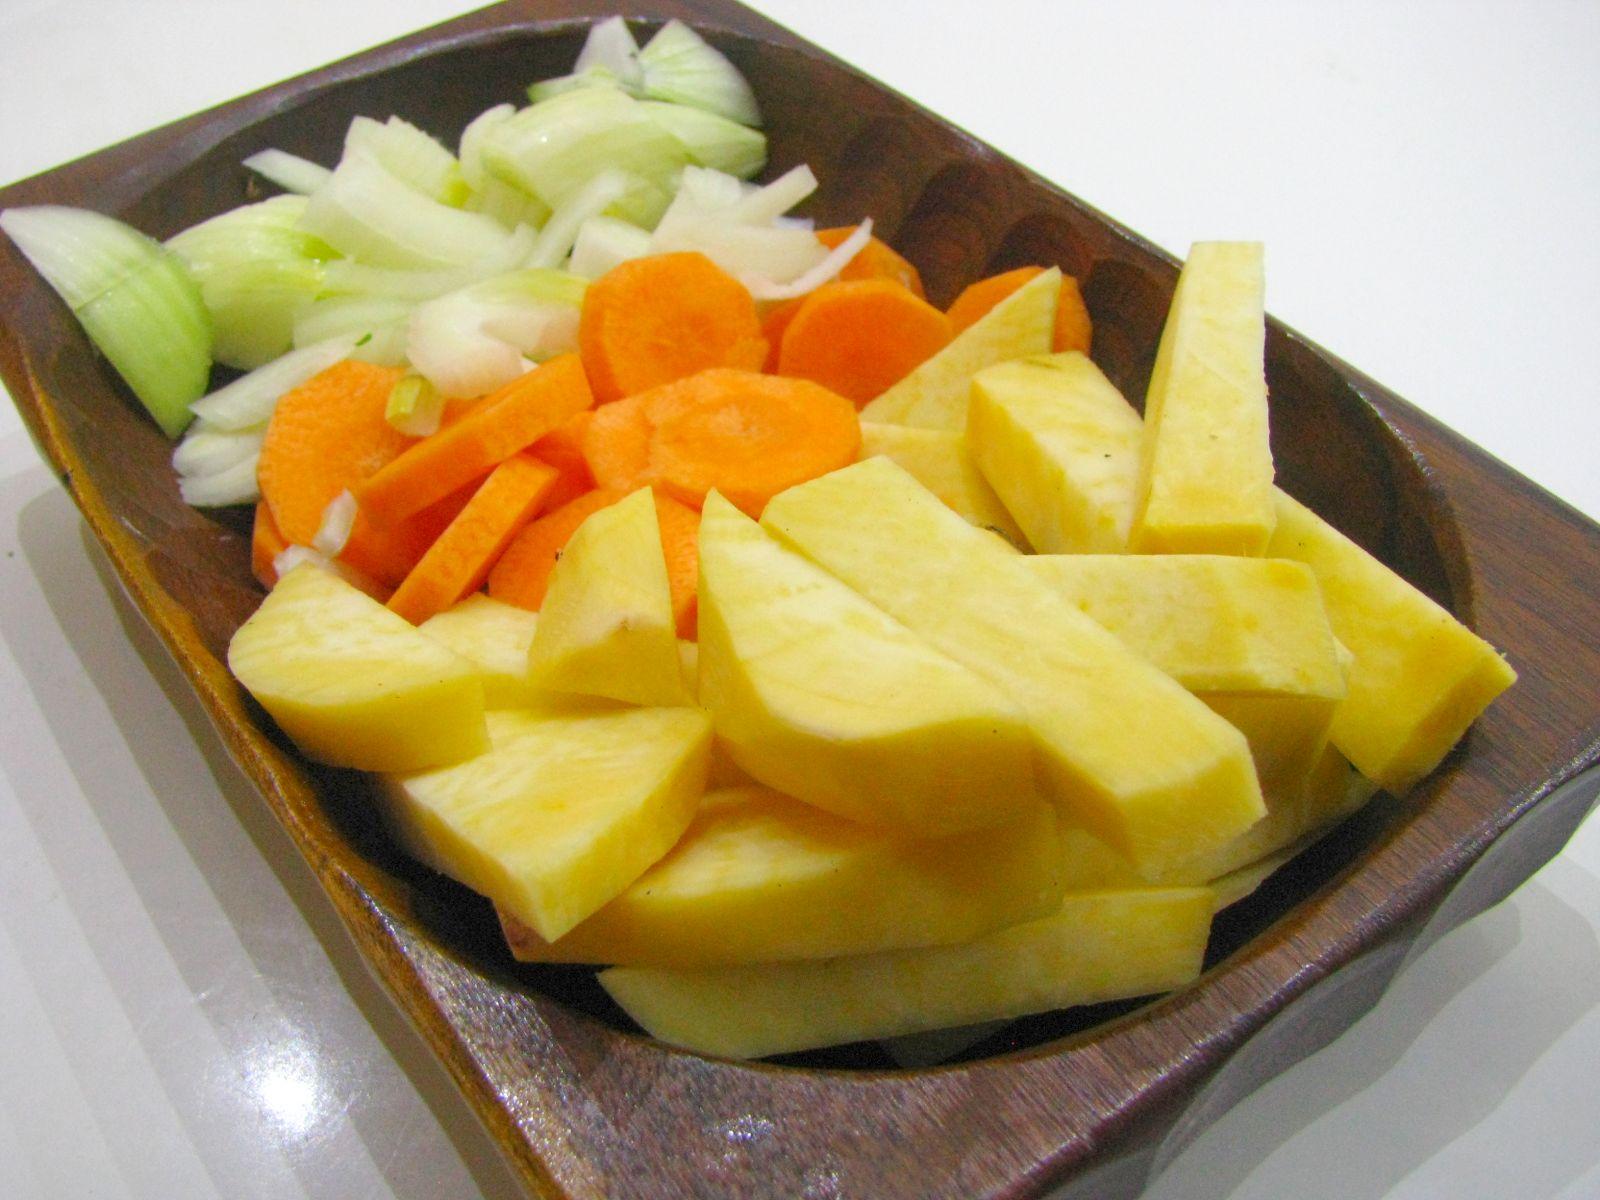 pecena zelenina nakrajana